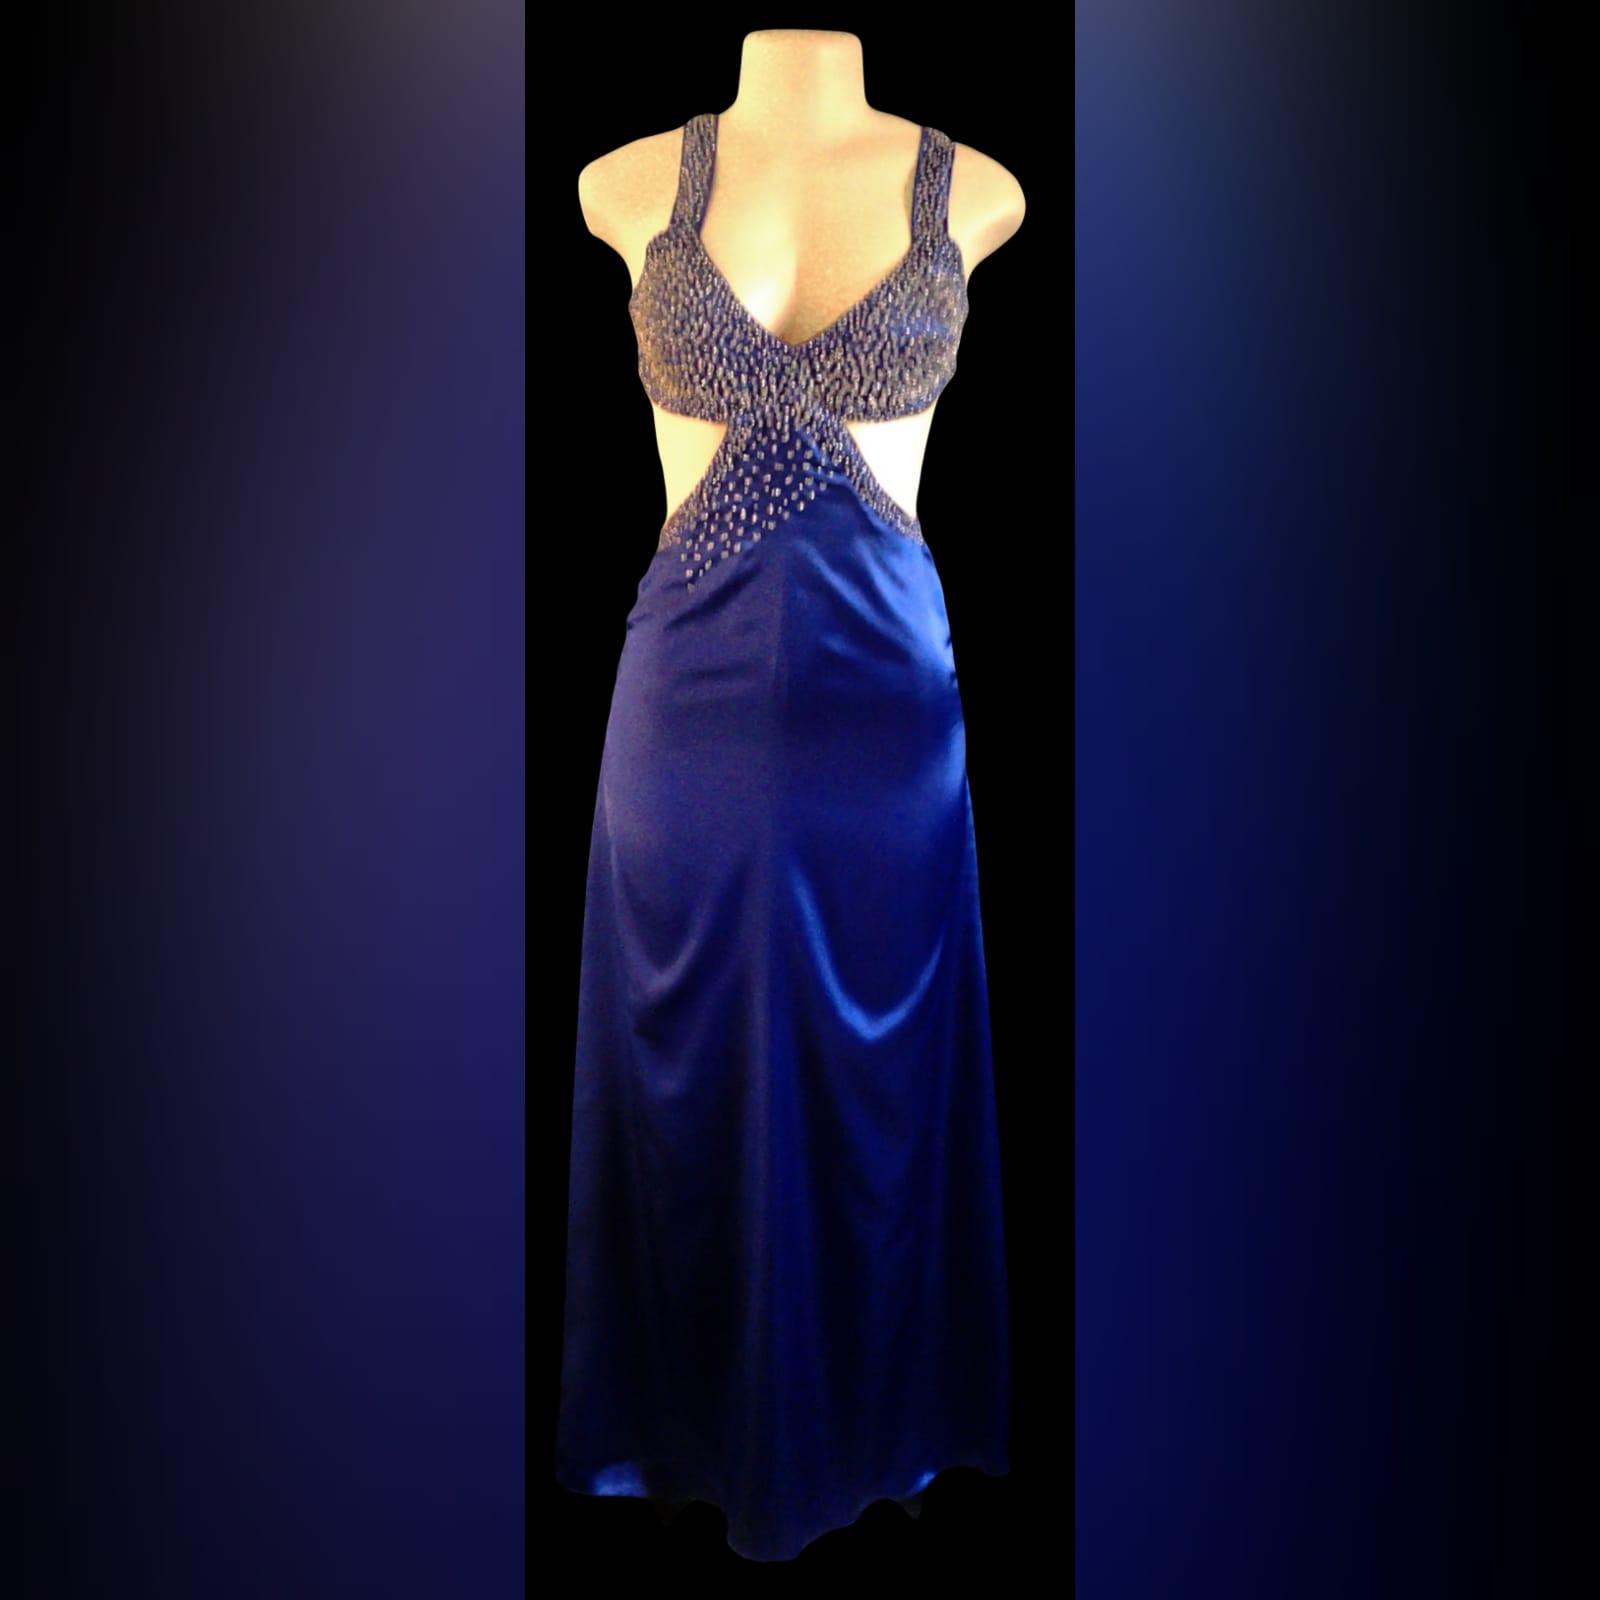 Vestido de finalistas sexy azul roial 4 vestido de finalistas sexy azul roial com as costas abertas. Corpete com pedras espalhadas. Aberturas abdominais laterais com uma cauda.